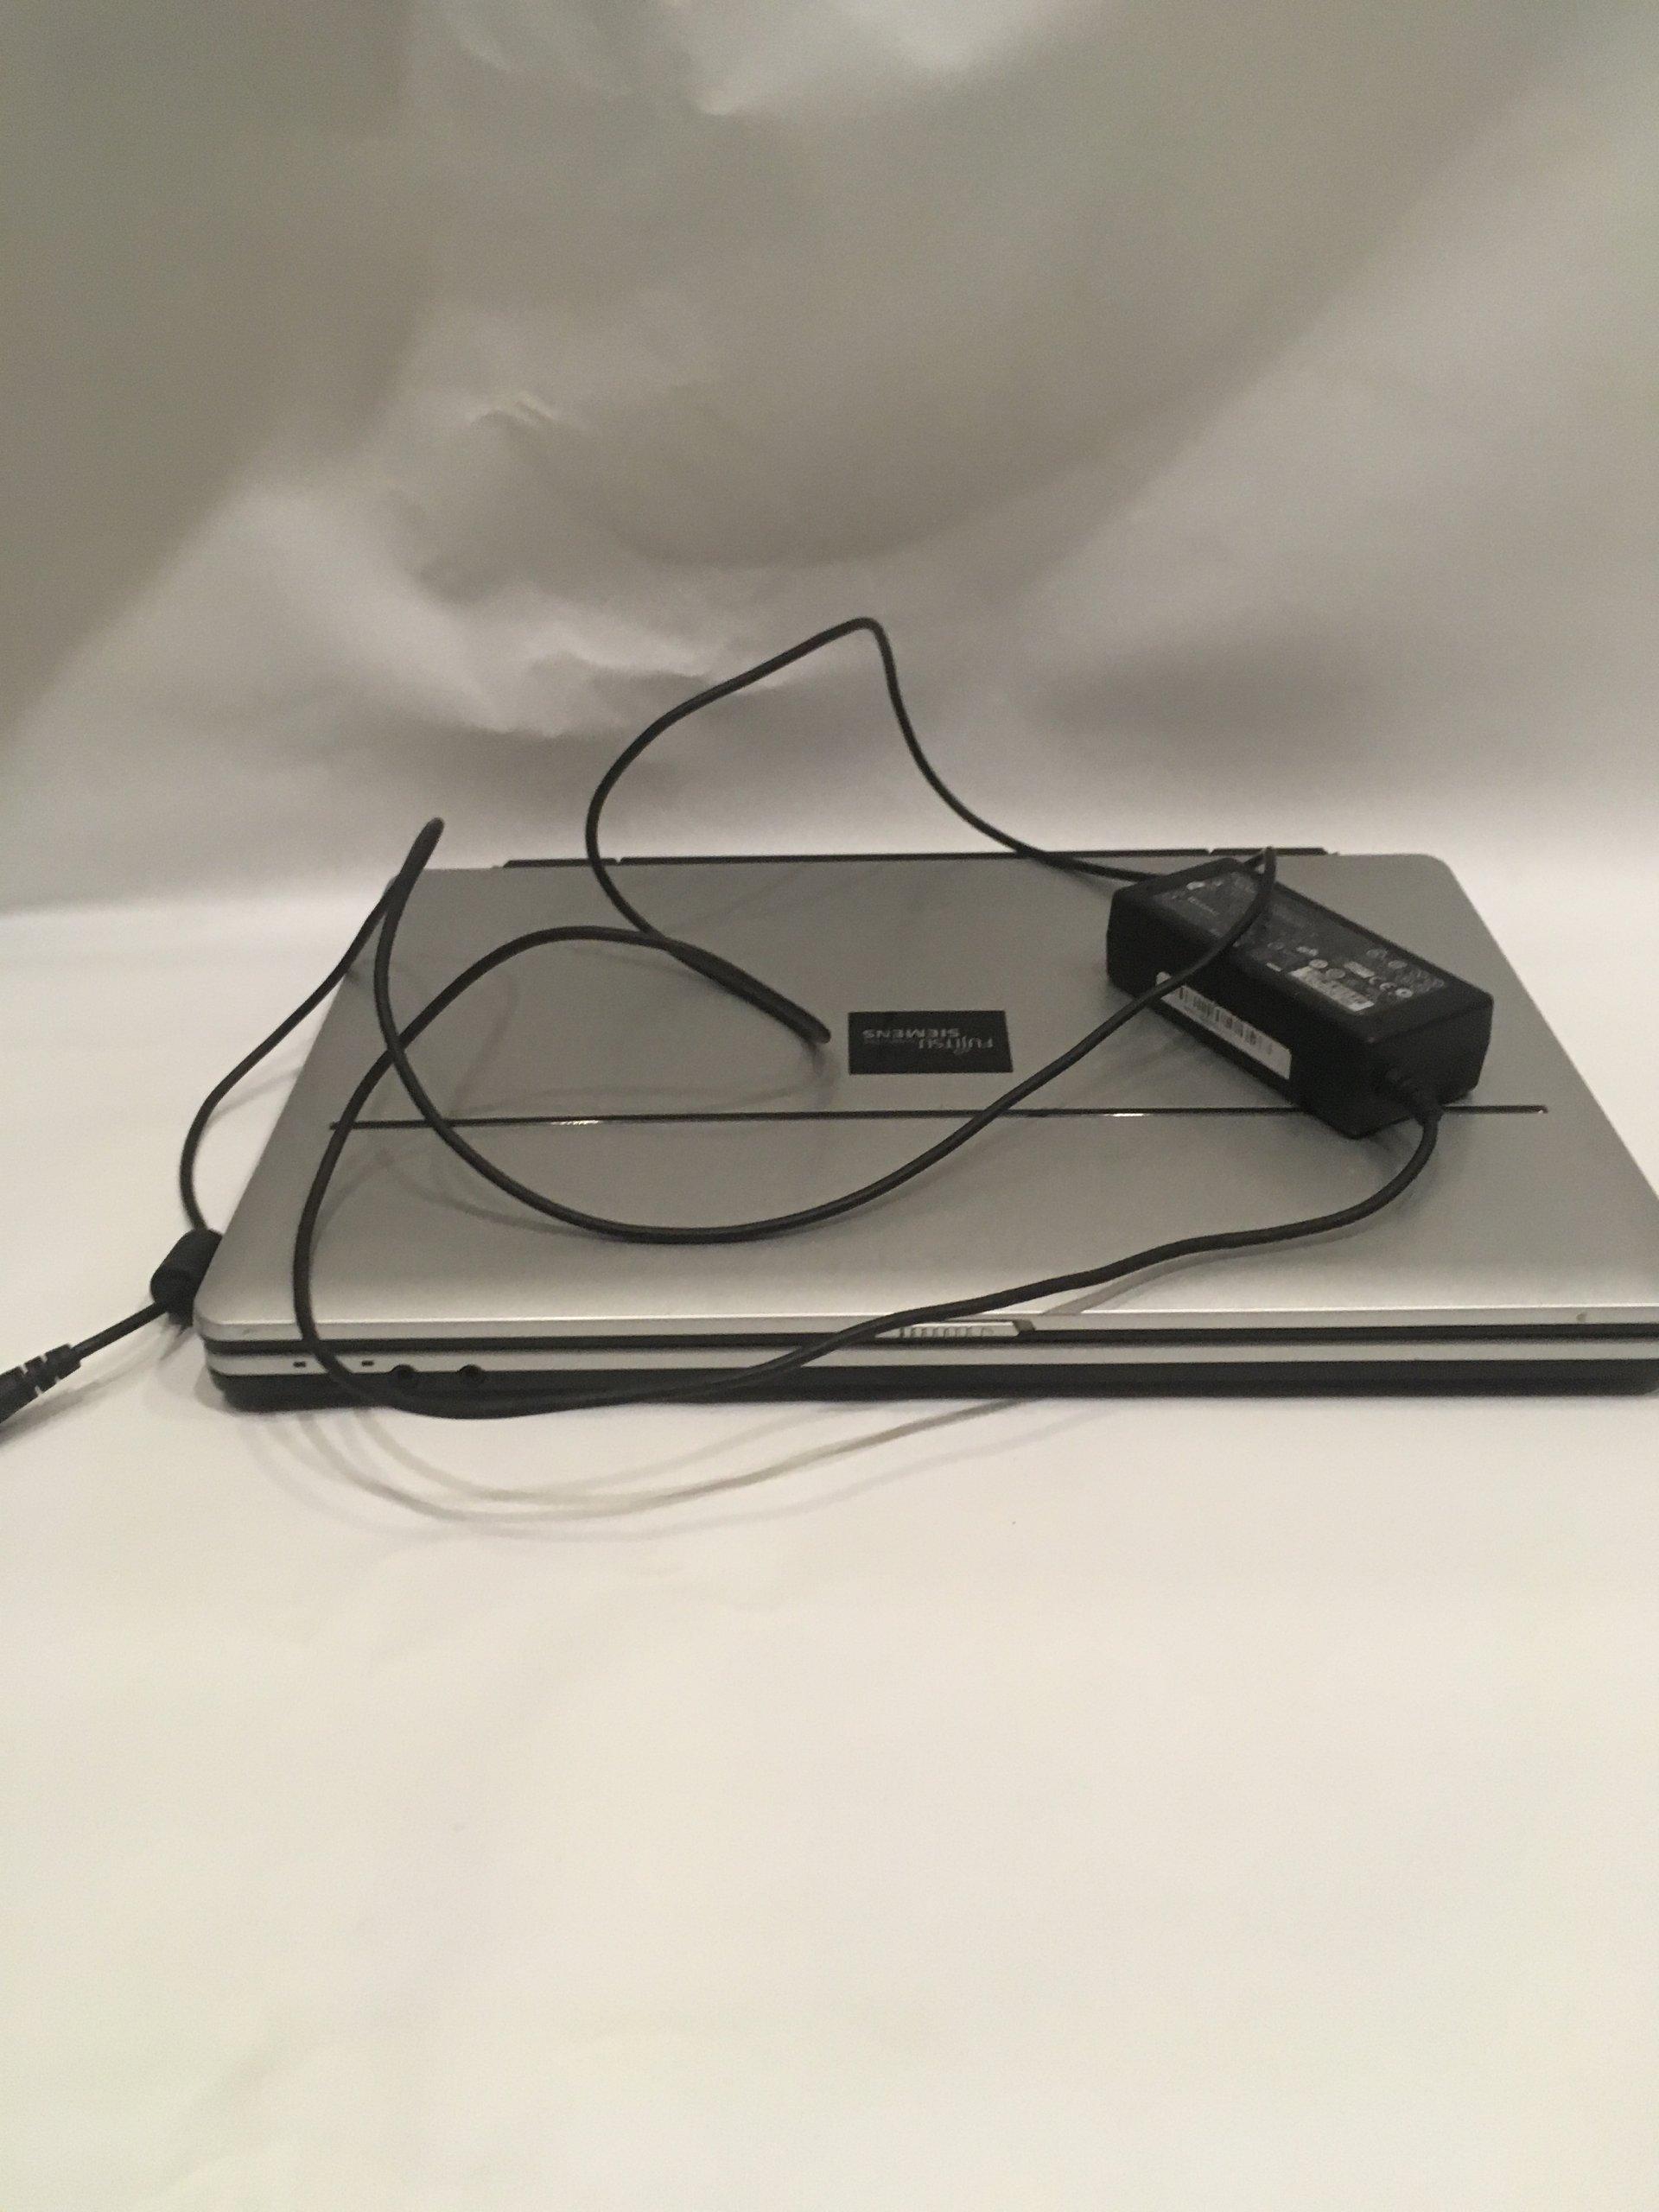 Laptop Fujitsu Simens Amilo Pa2510 Używany